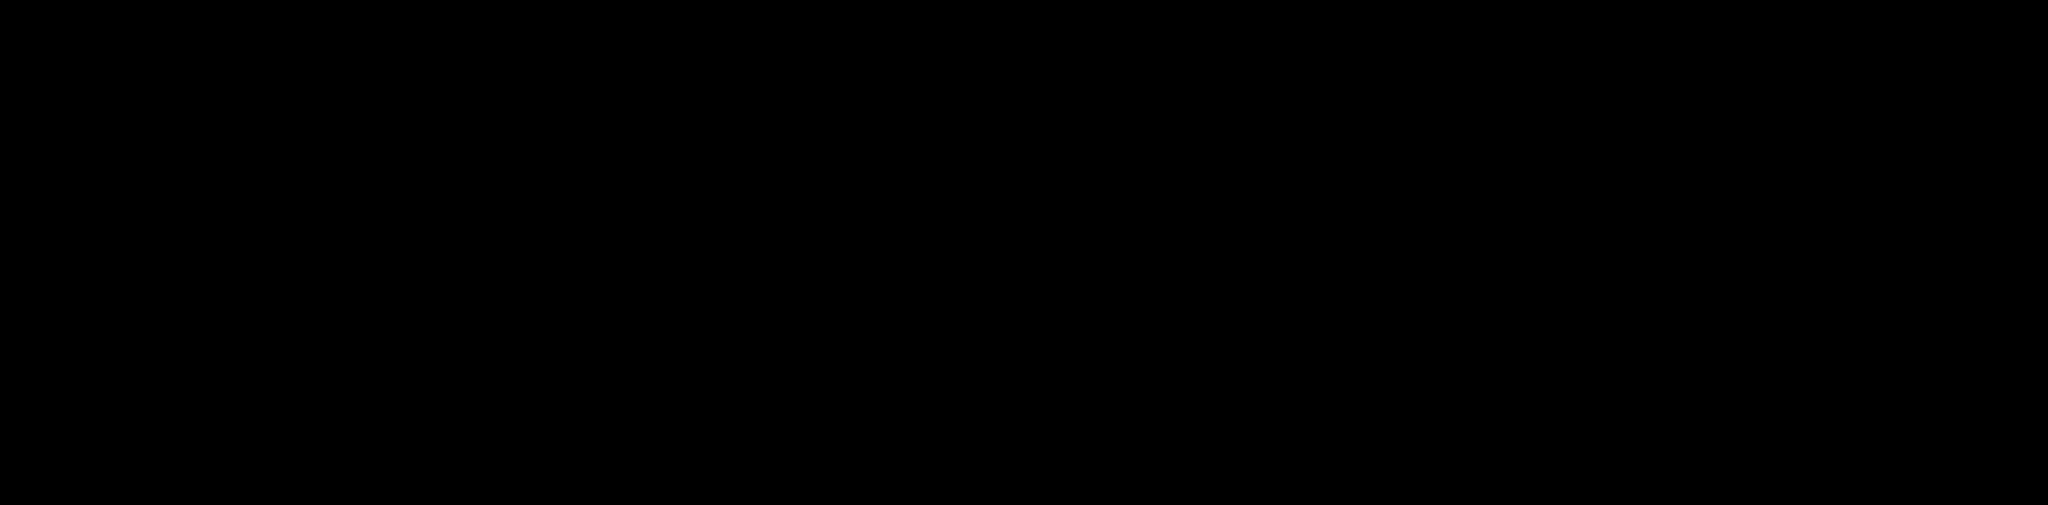 komorebii